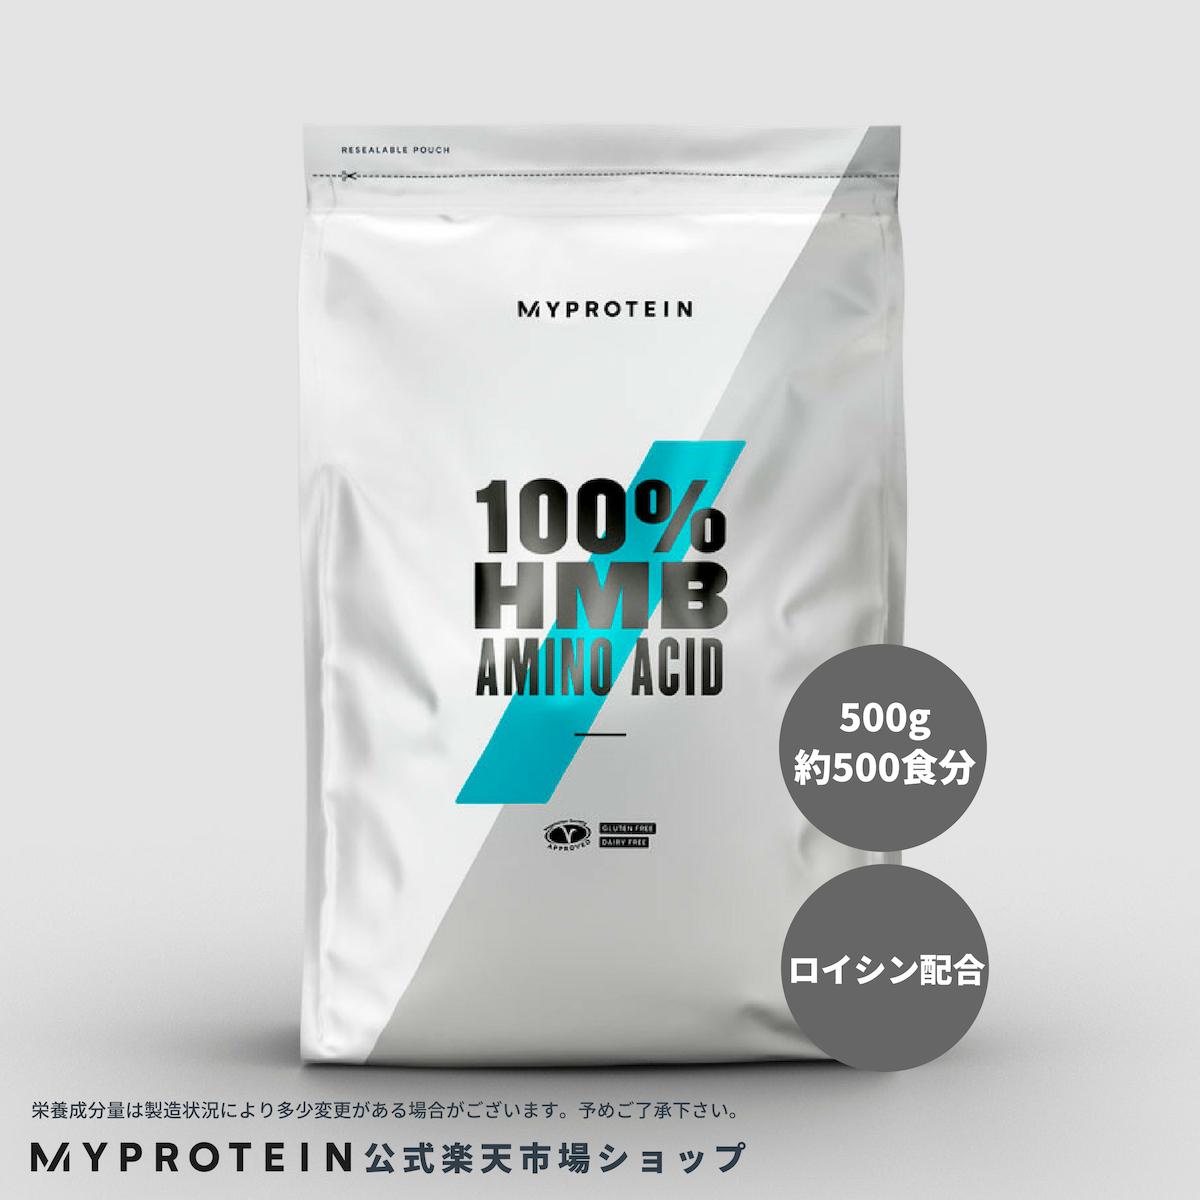 マイプロテイン 公式 【MyProtein】 HMB(3-ヒドロキシイソ吉草酸) 500g 約500食分【海外直送】